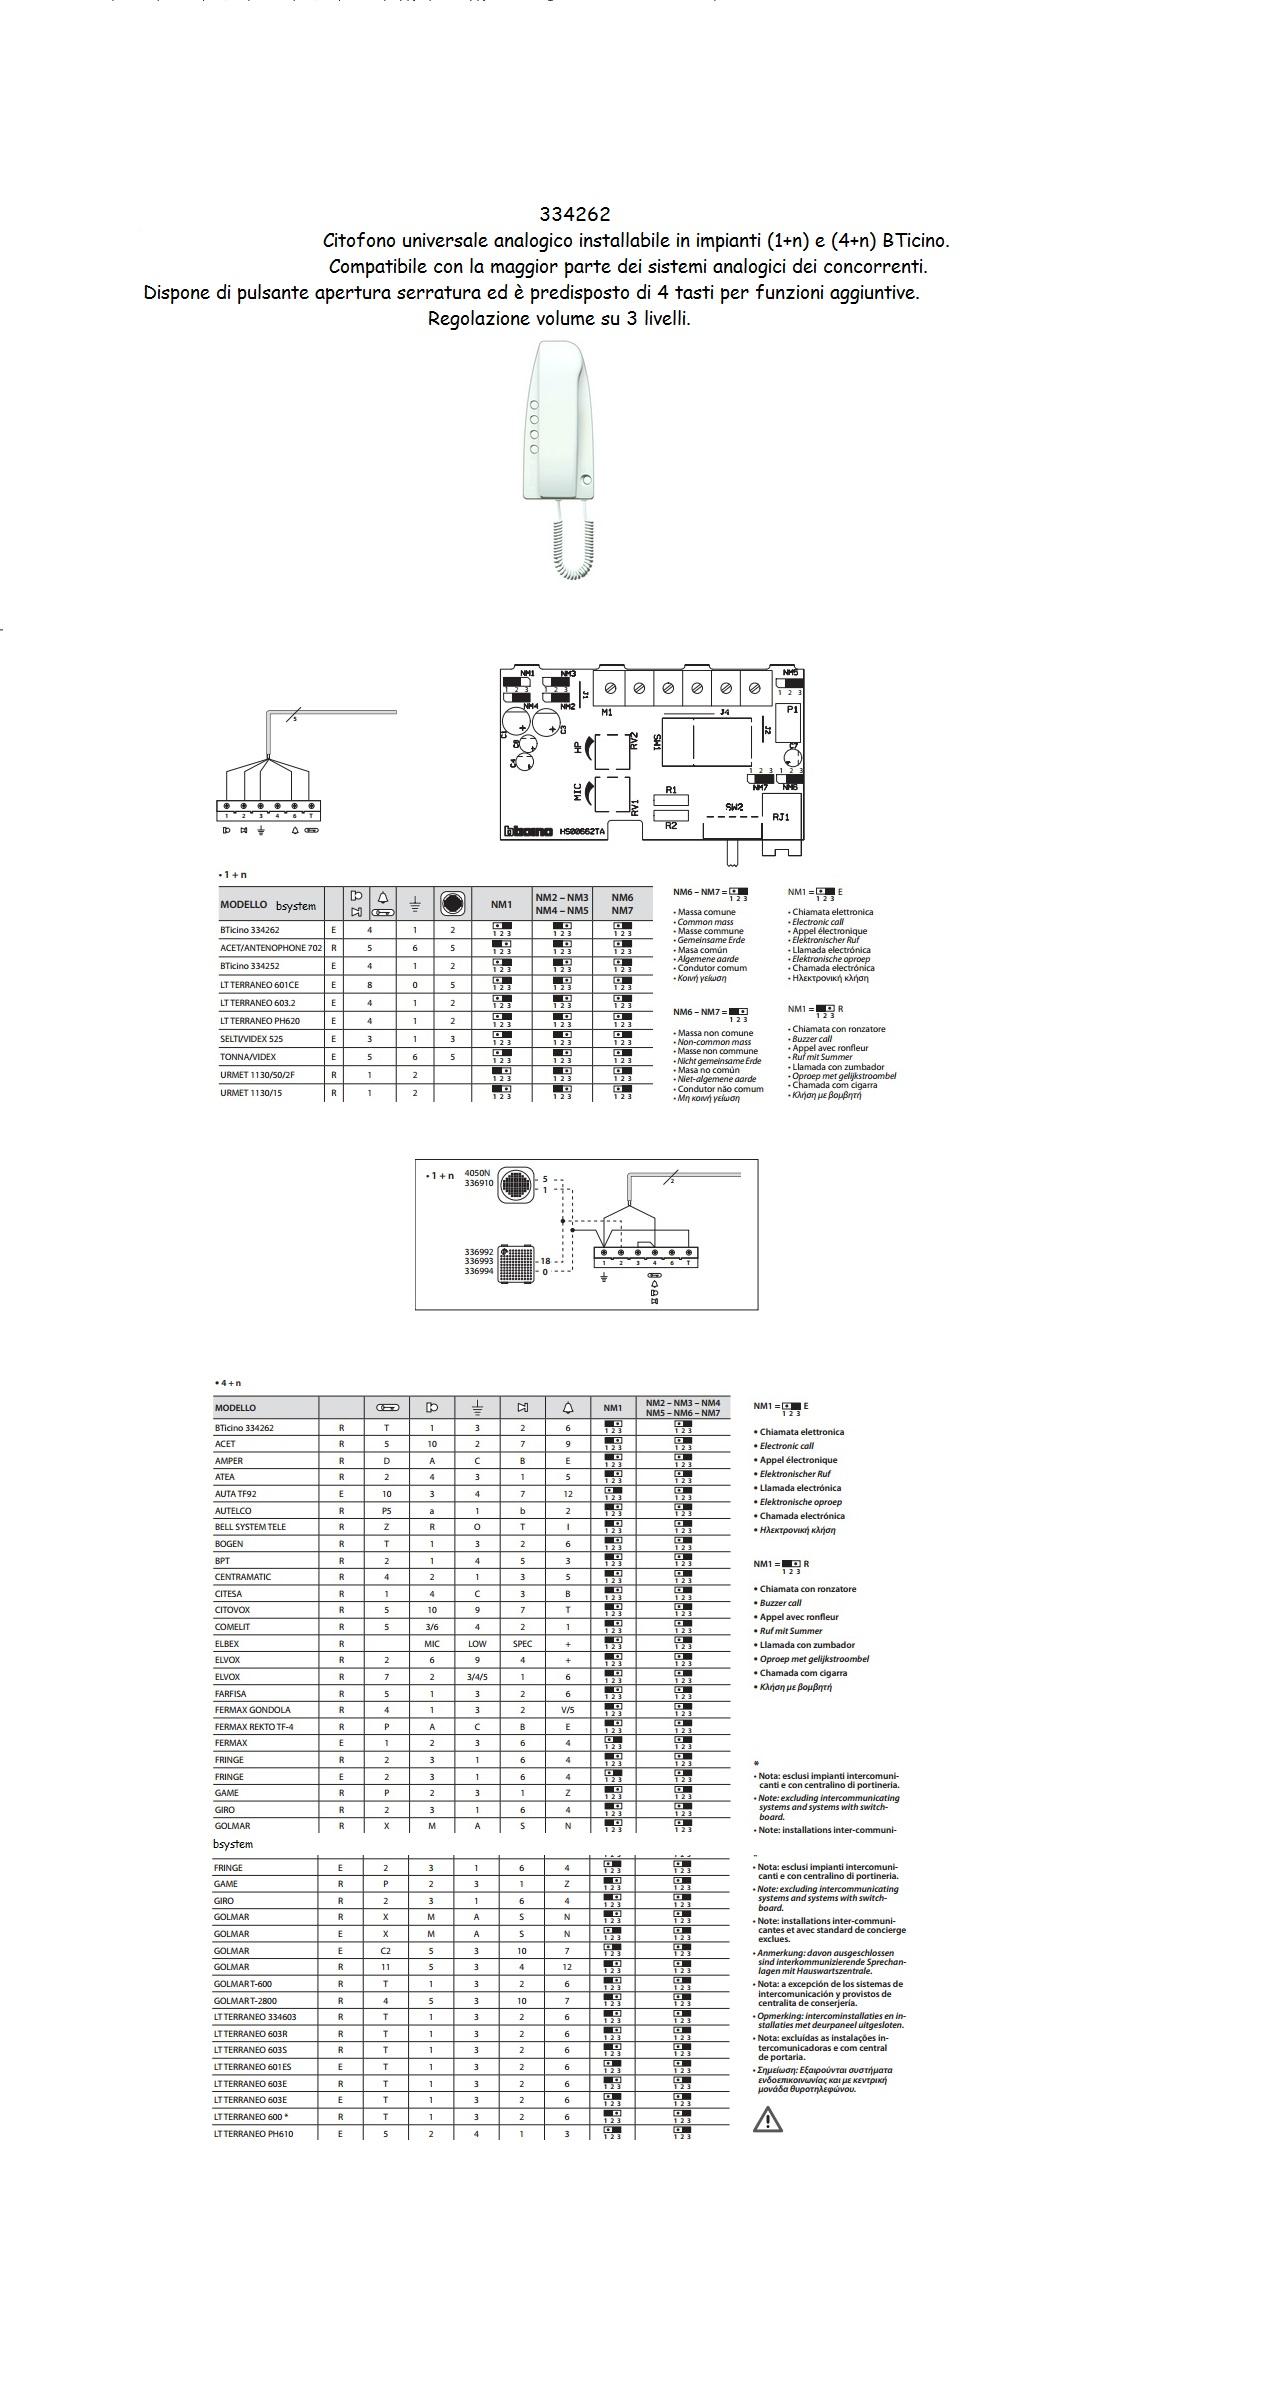 Schemi Elettrici Citofono Bticino : Citofono bticino universale analogico art